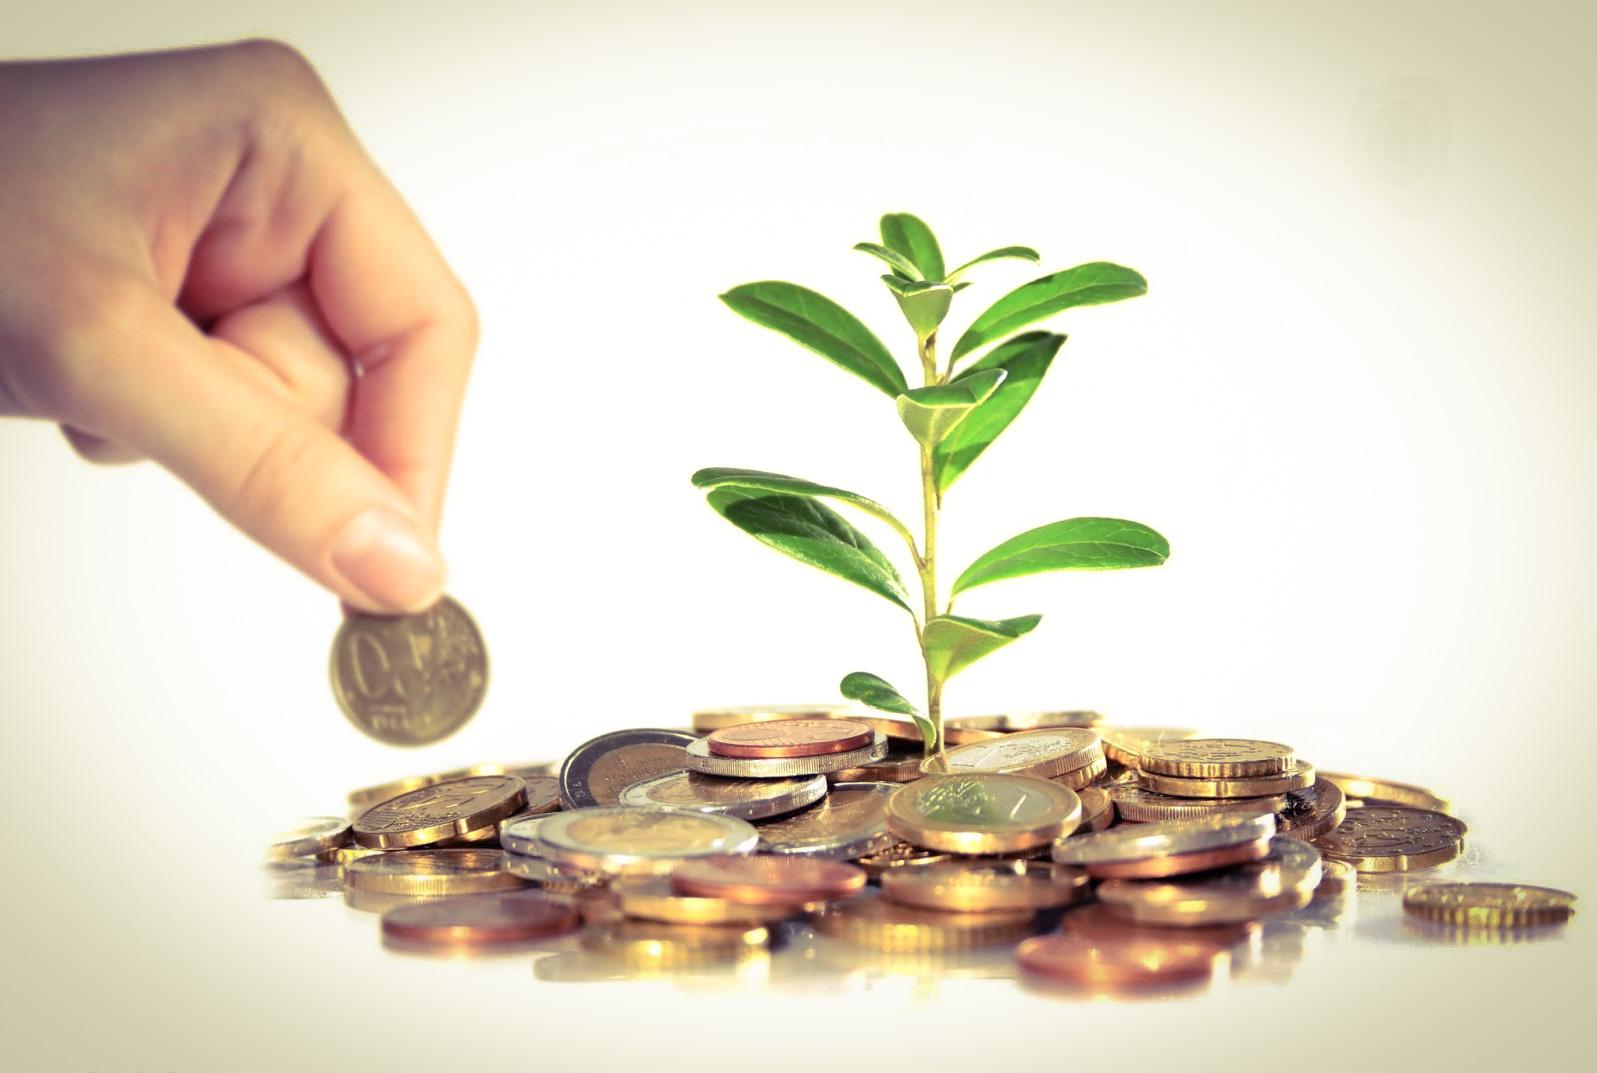 Как привлечь деньги и удачу в свою жизнь в домашних условиях — 5 правил привлечения денег и удачи секреты, приметы и заговоры